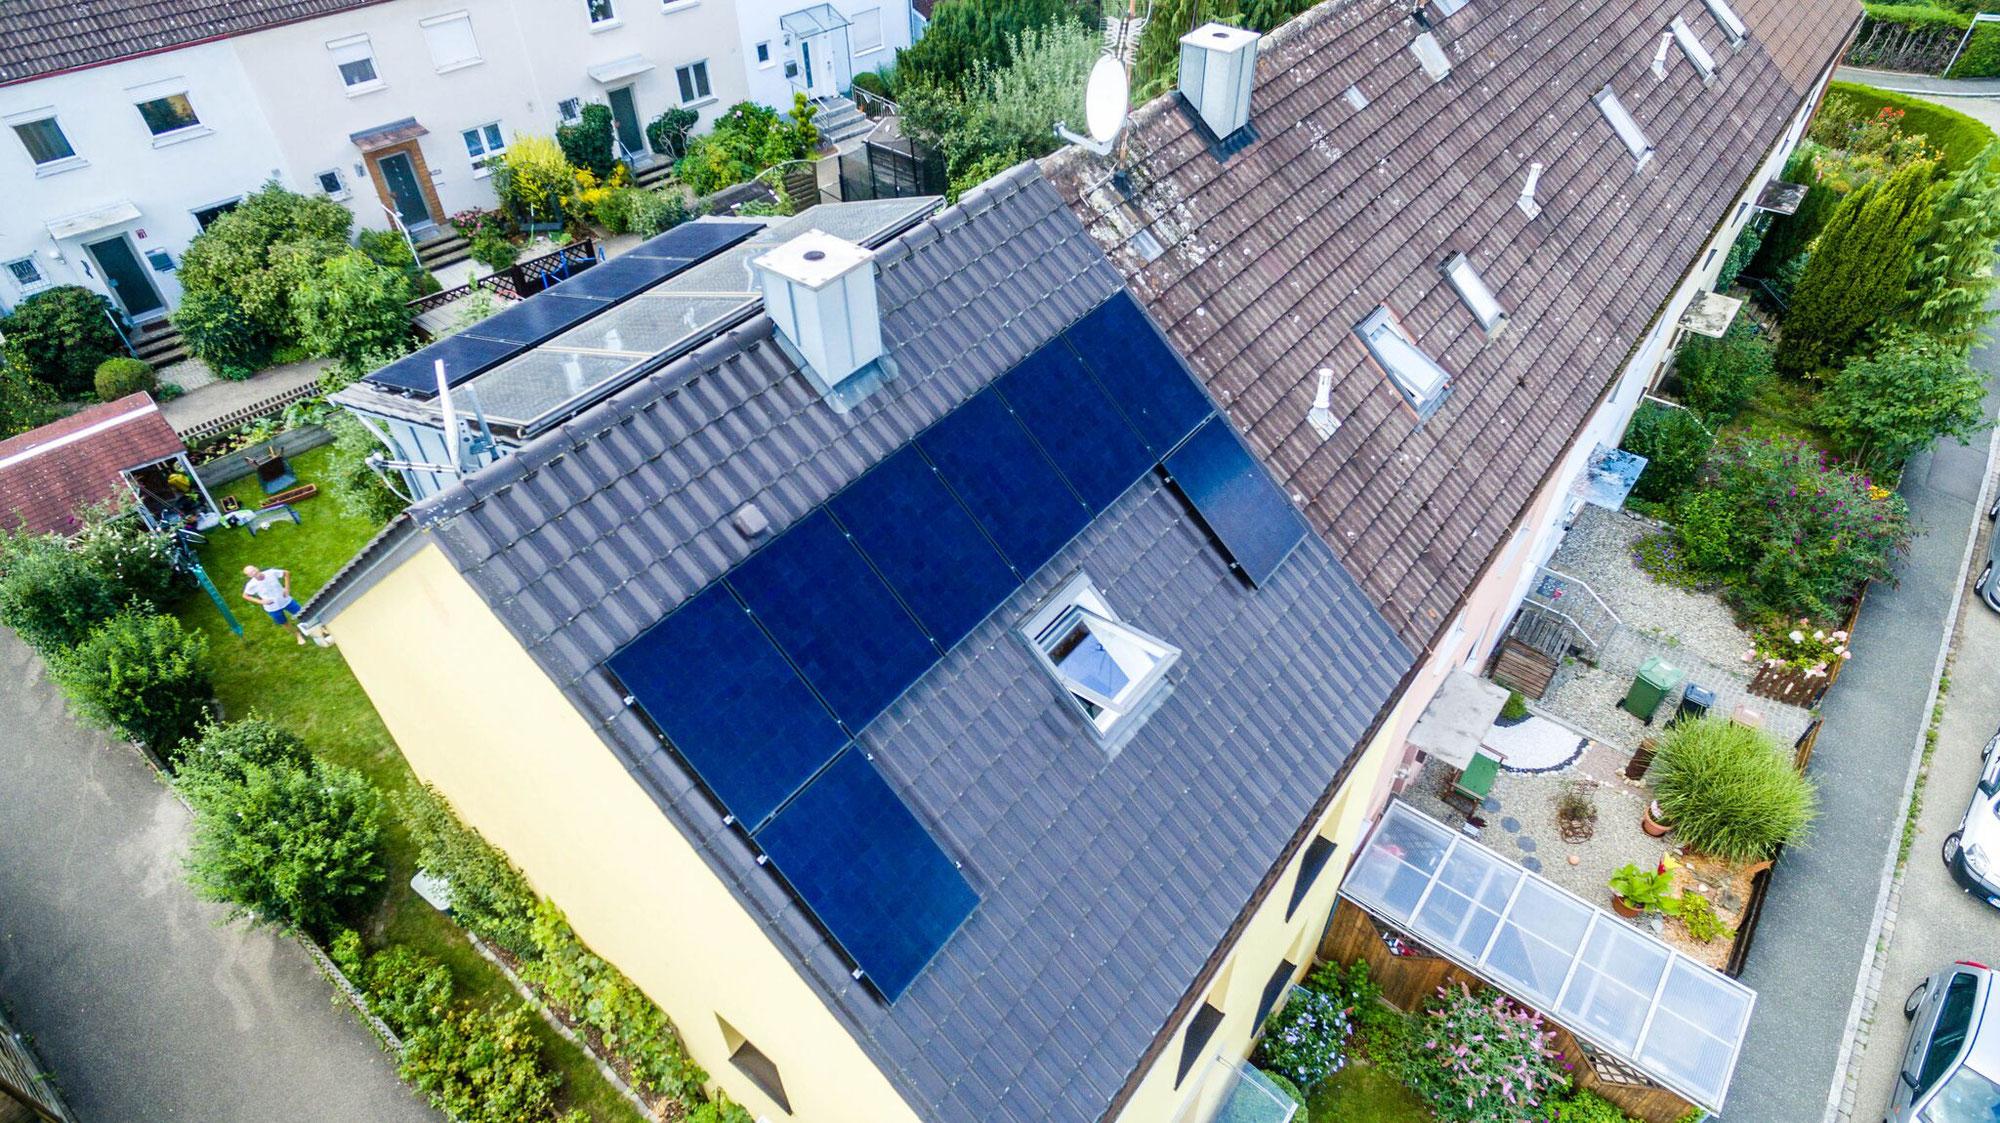 Solaranlage in Eckental - iKratos Ihr Installateur